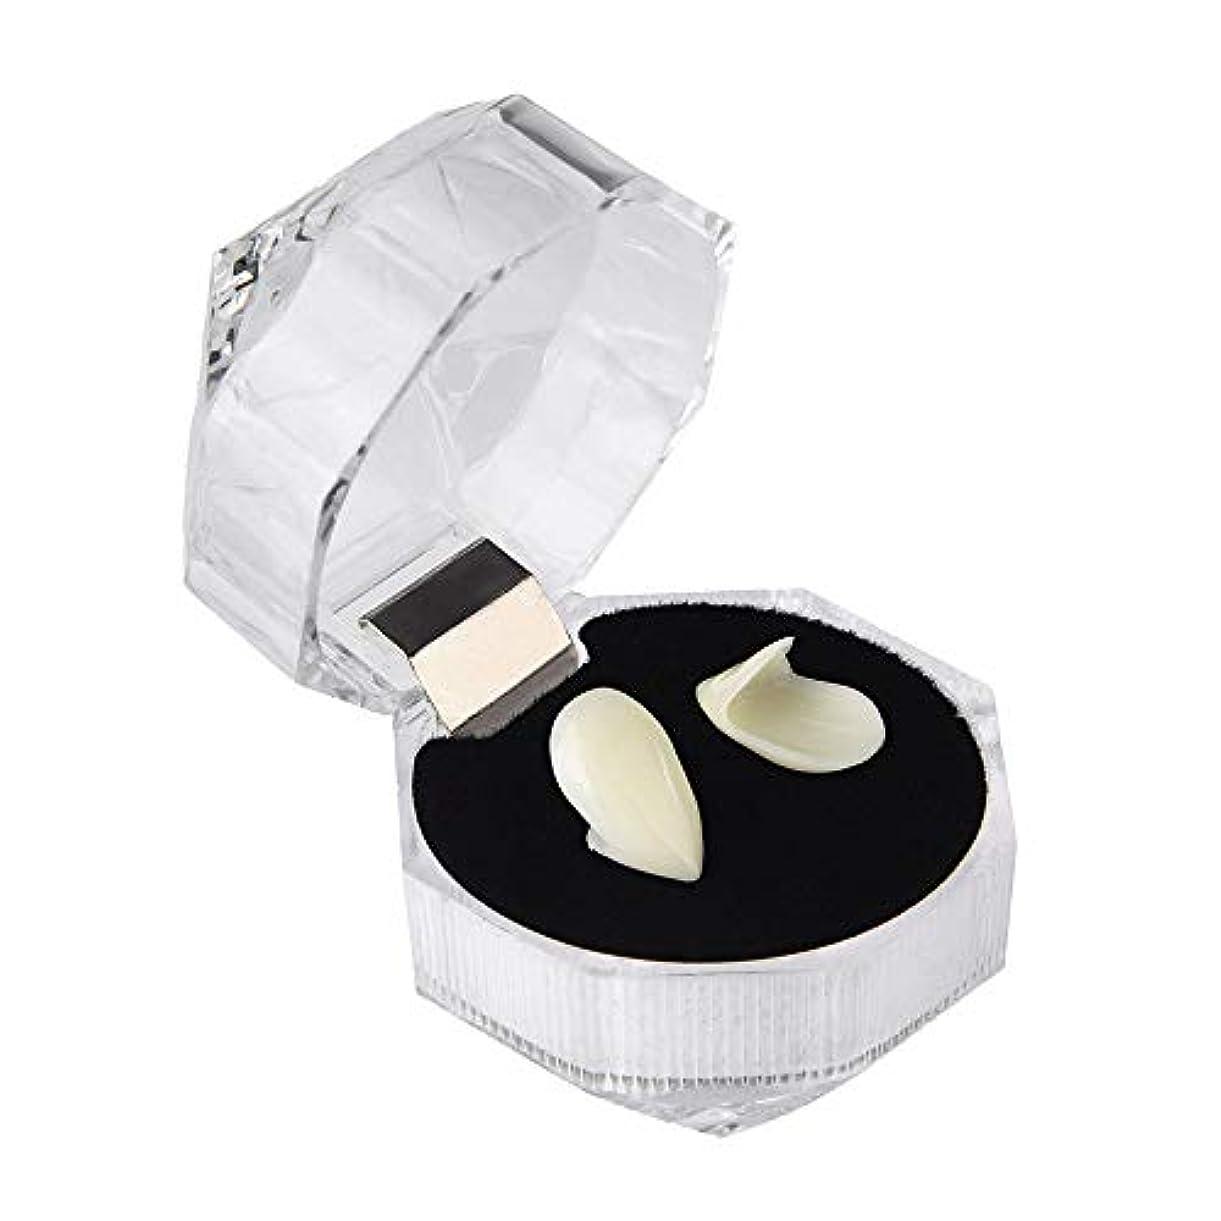 愚か秘密の雇用ユニセックスハロウィンロールプレイングゾンビ義歯、樹脂にやさしい食品グレード義歯(歯のジェル付き),13mm